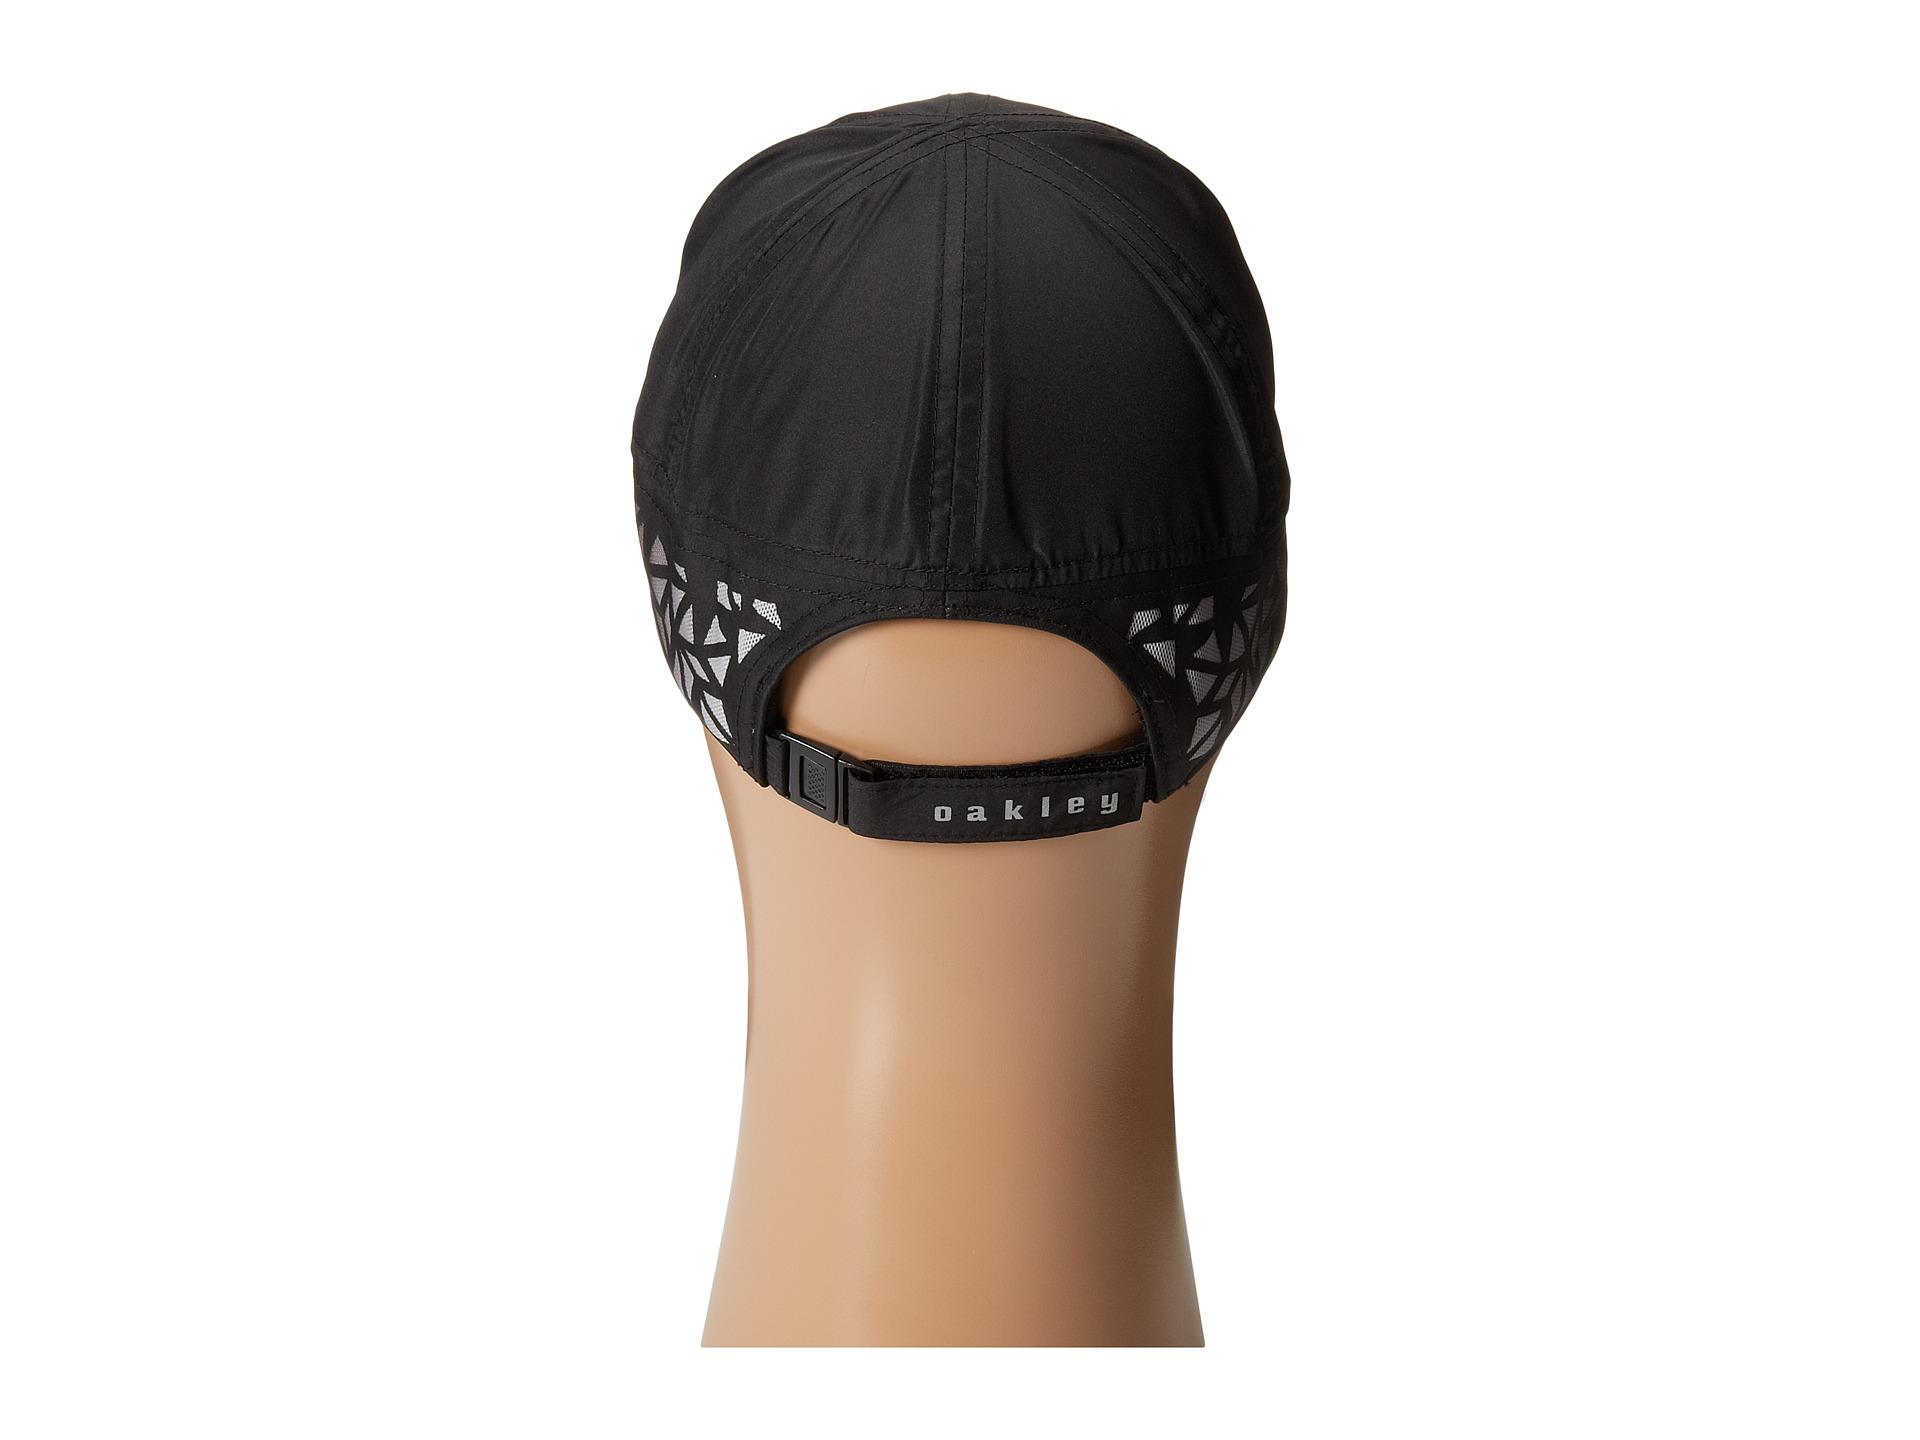 a5936cb294c48 ... canada lyst oakley performance running hat in black 8b518 a7058